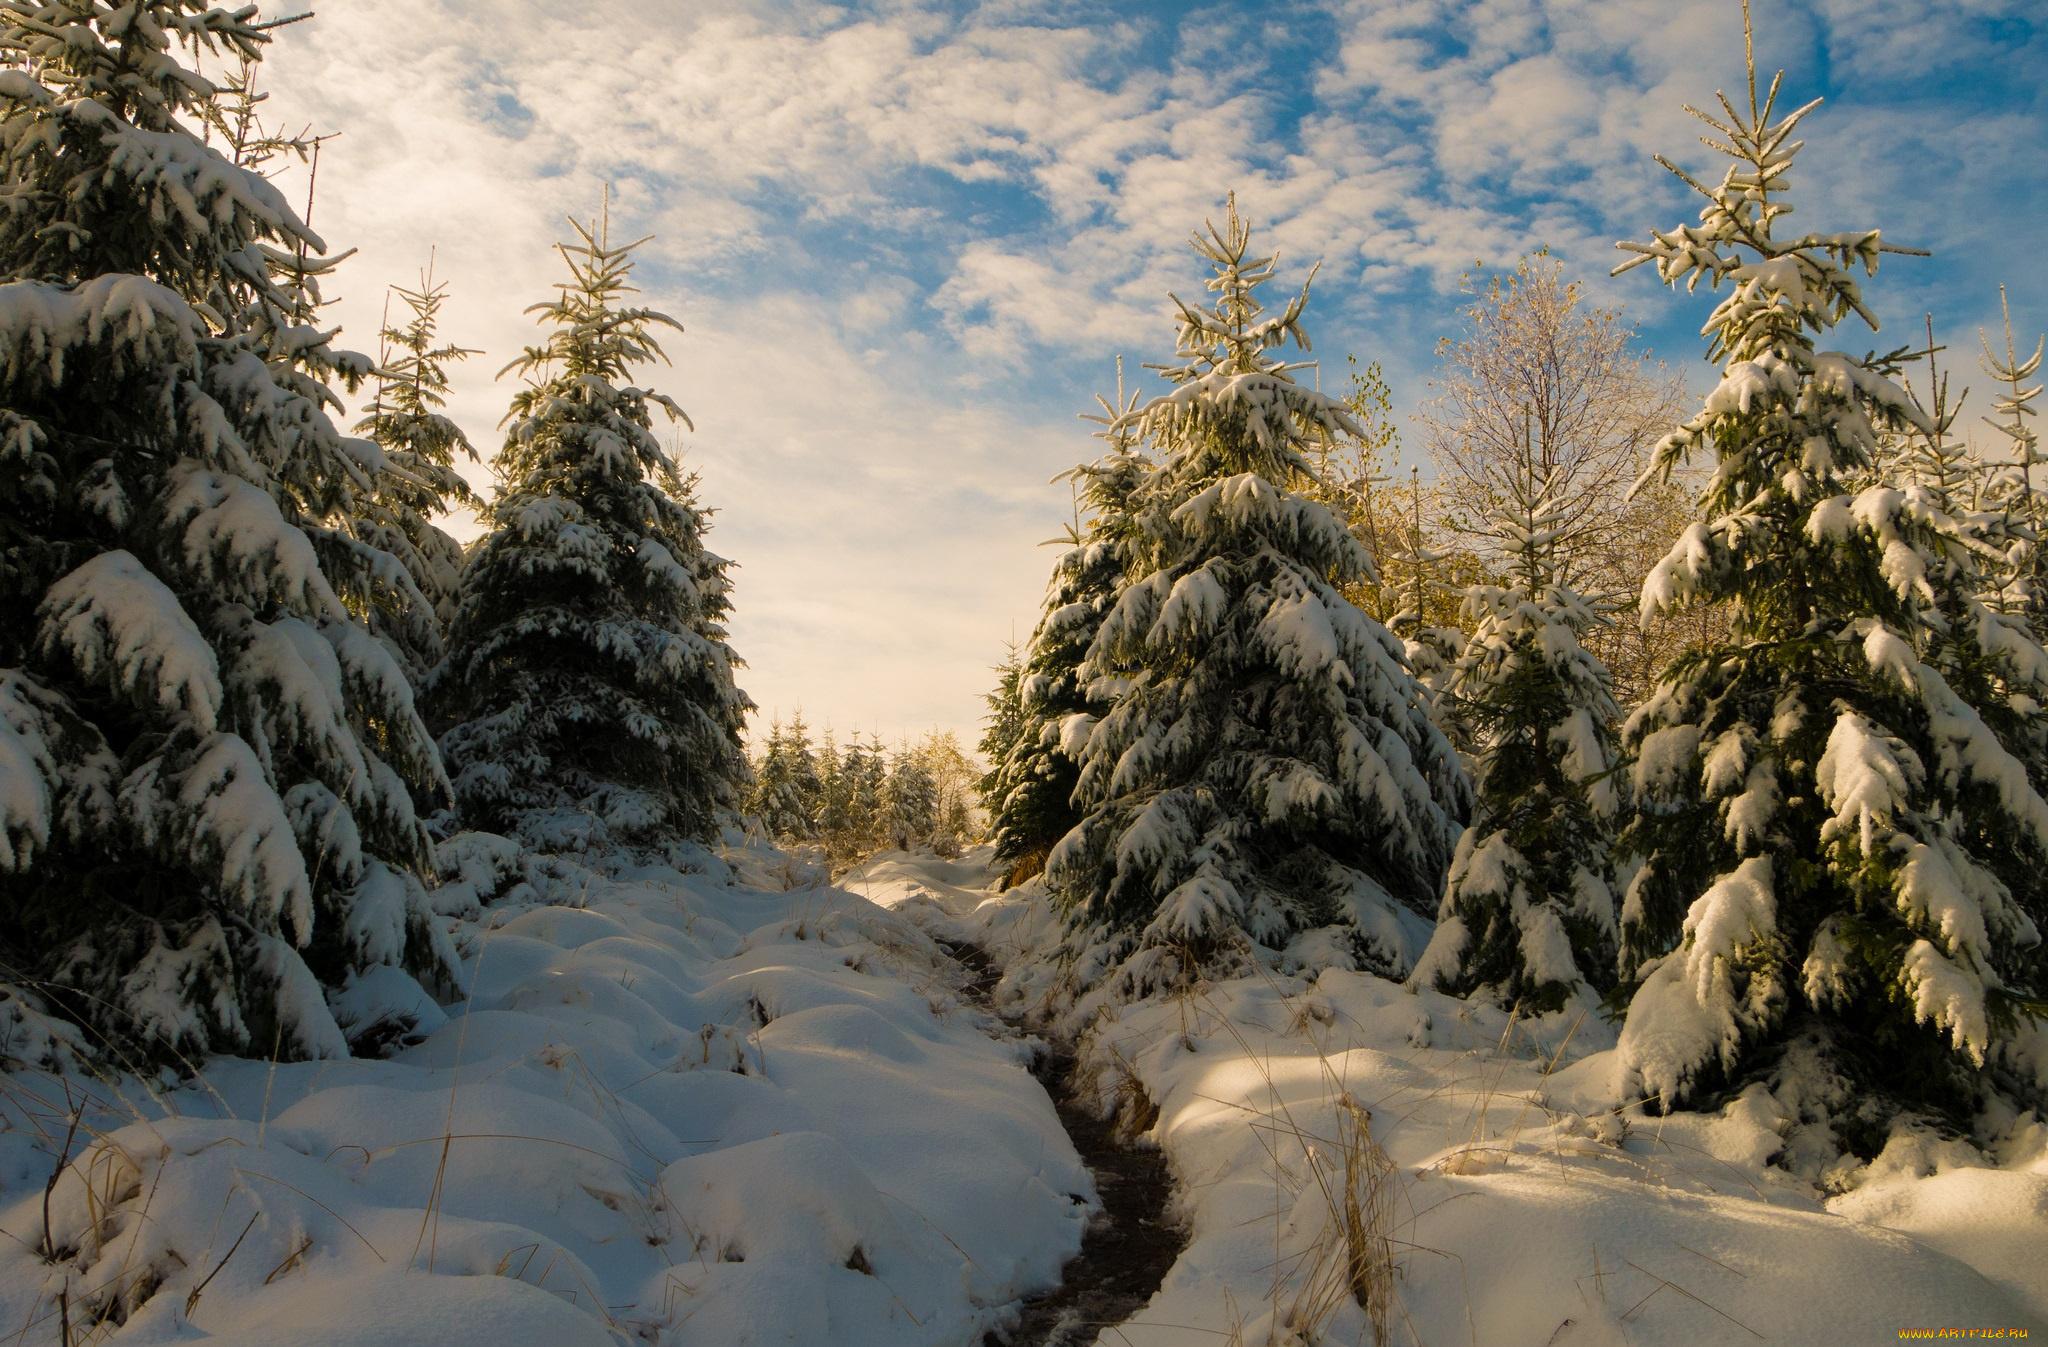 ели снег зима ate snow winter бесплатно